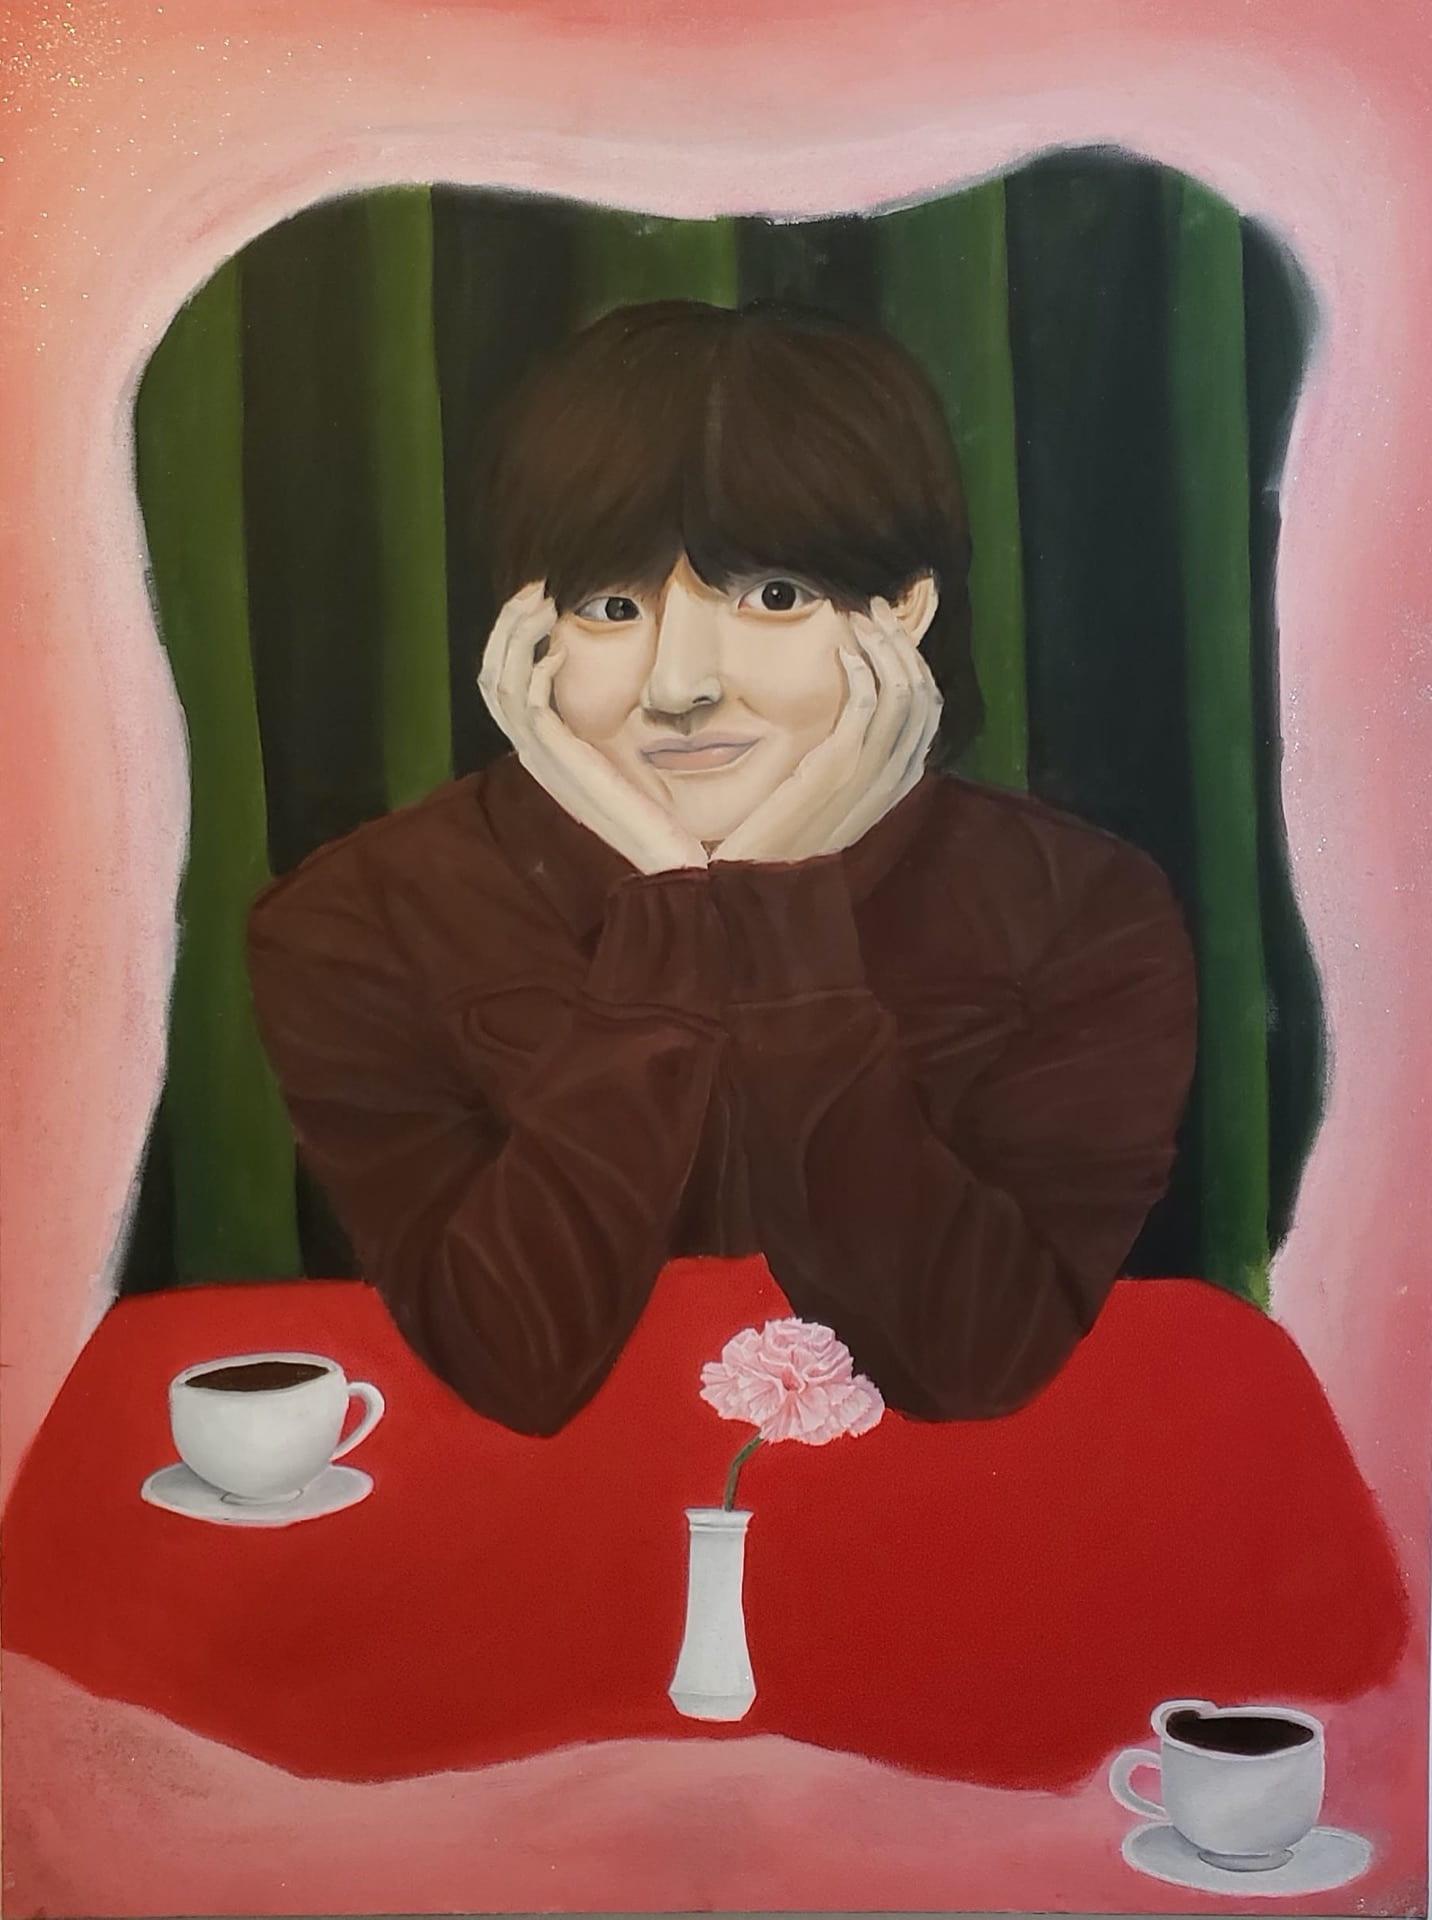 Ihseong(Margaret) Jong